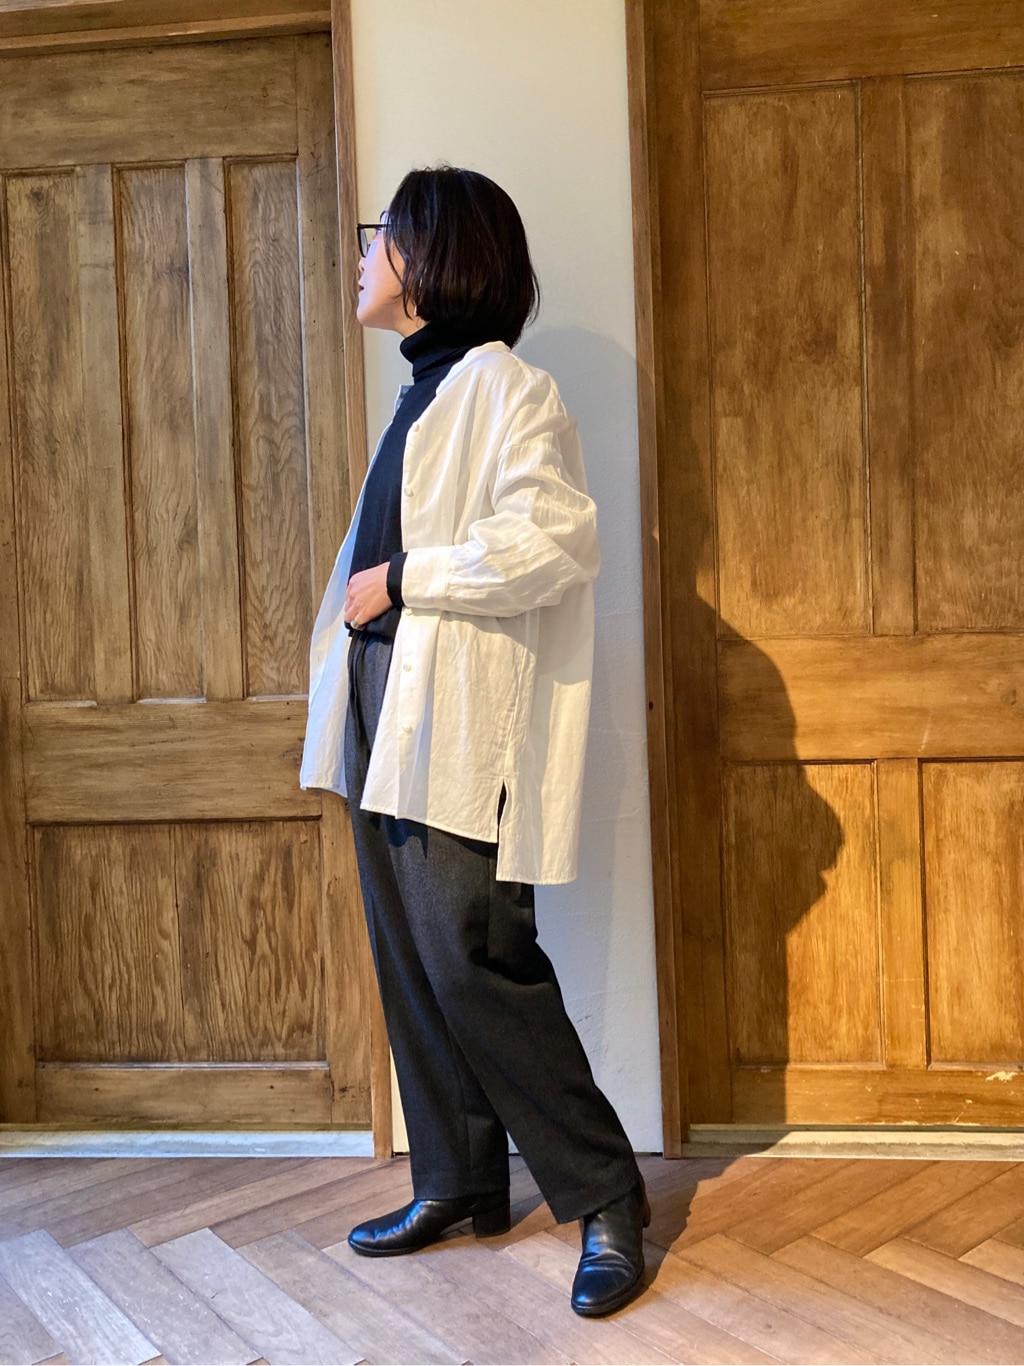 yuni 京都路面 身長:152cm 2020.12.06